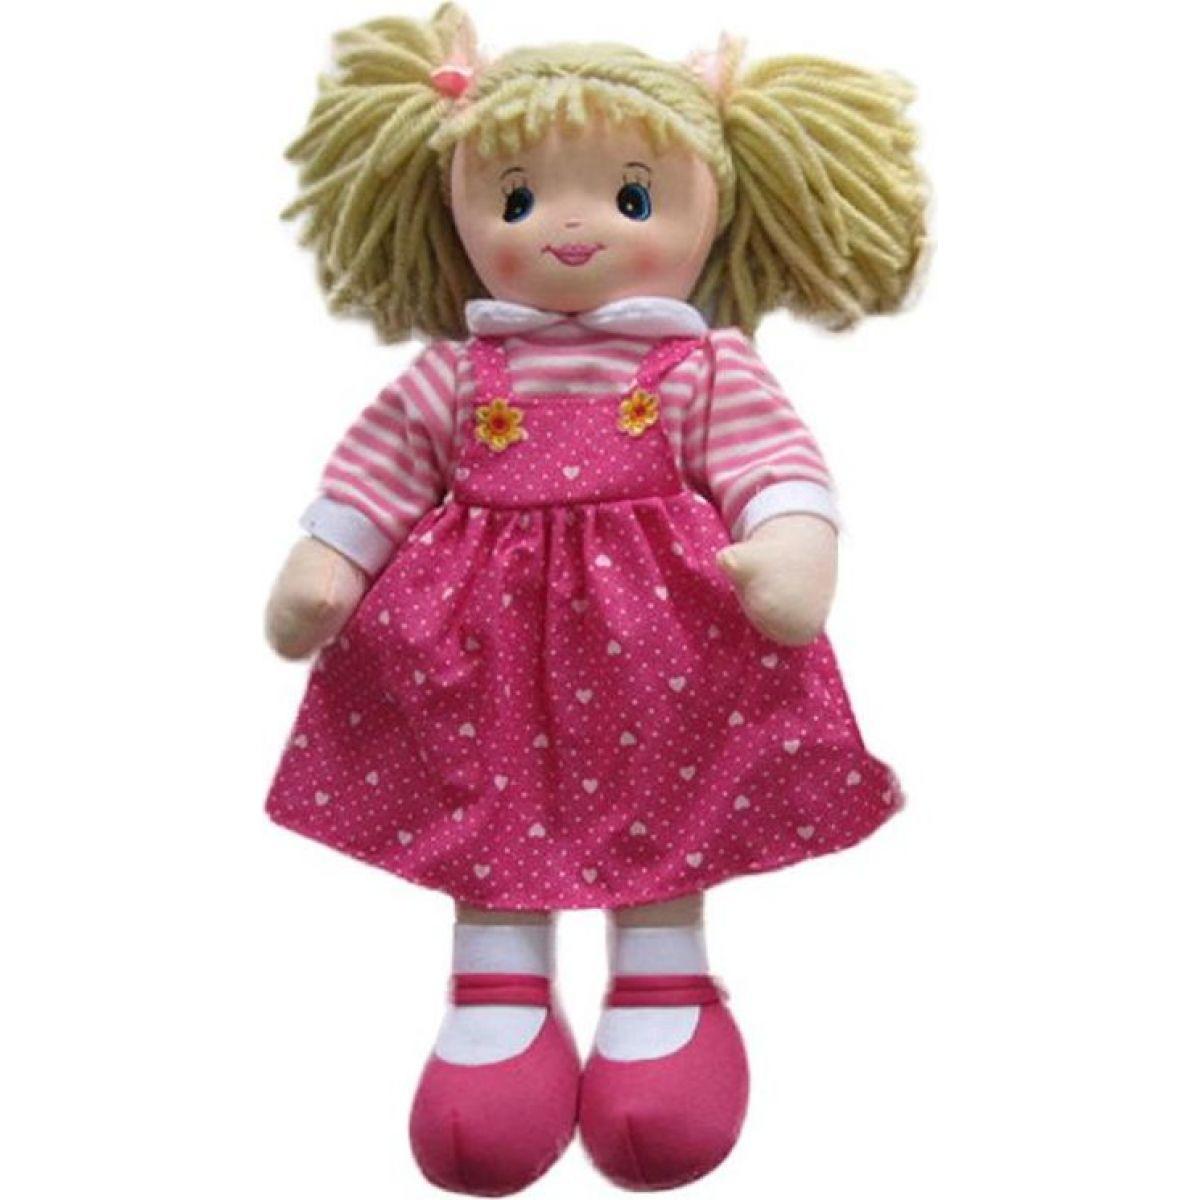 Hm Studio Bábika textilná ružové šaty so srdiečkami 50 cm